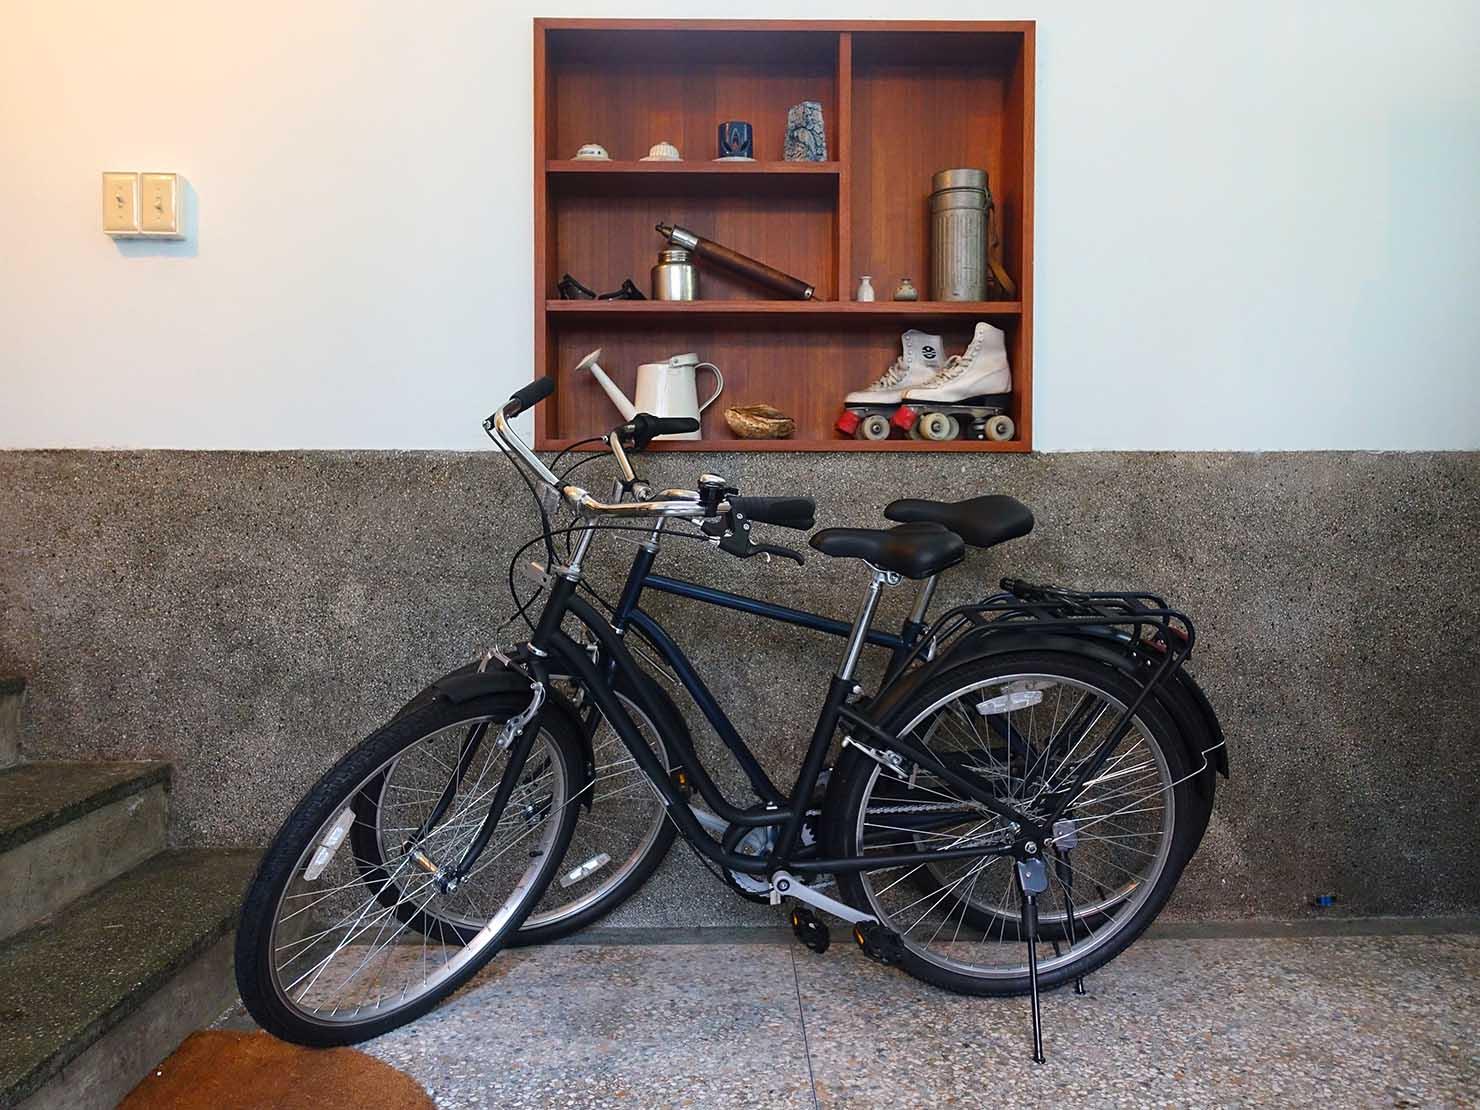 台南観光におすすめな古民家ゲストハウス「散步strolling」のガレージに置かれた自転車